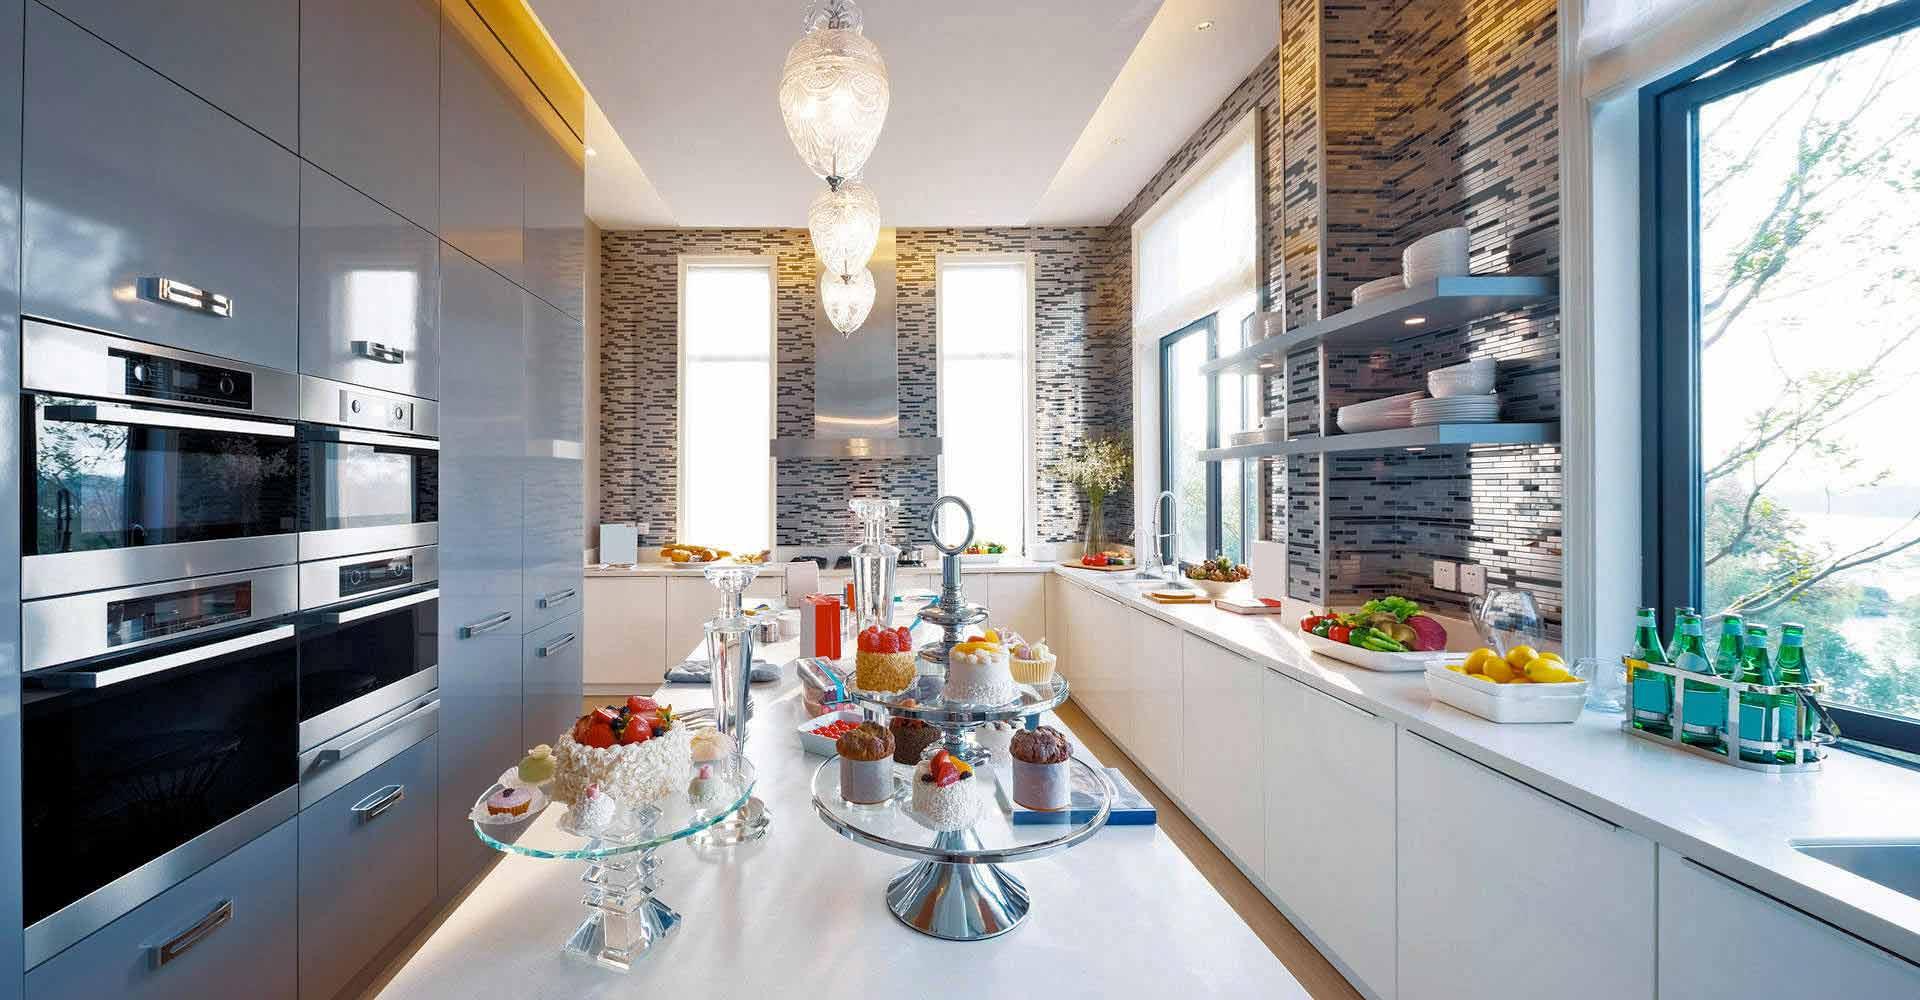 cuisine-plafond-tendu-02